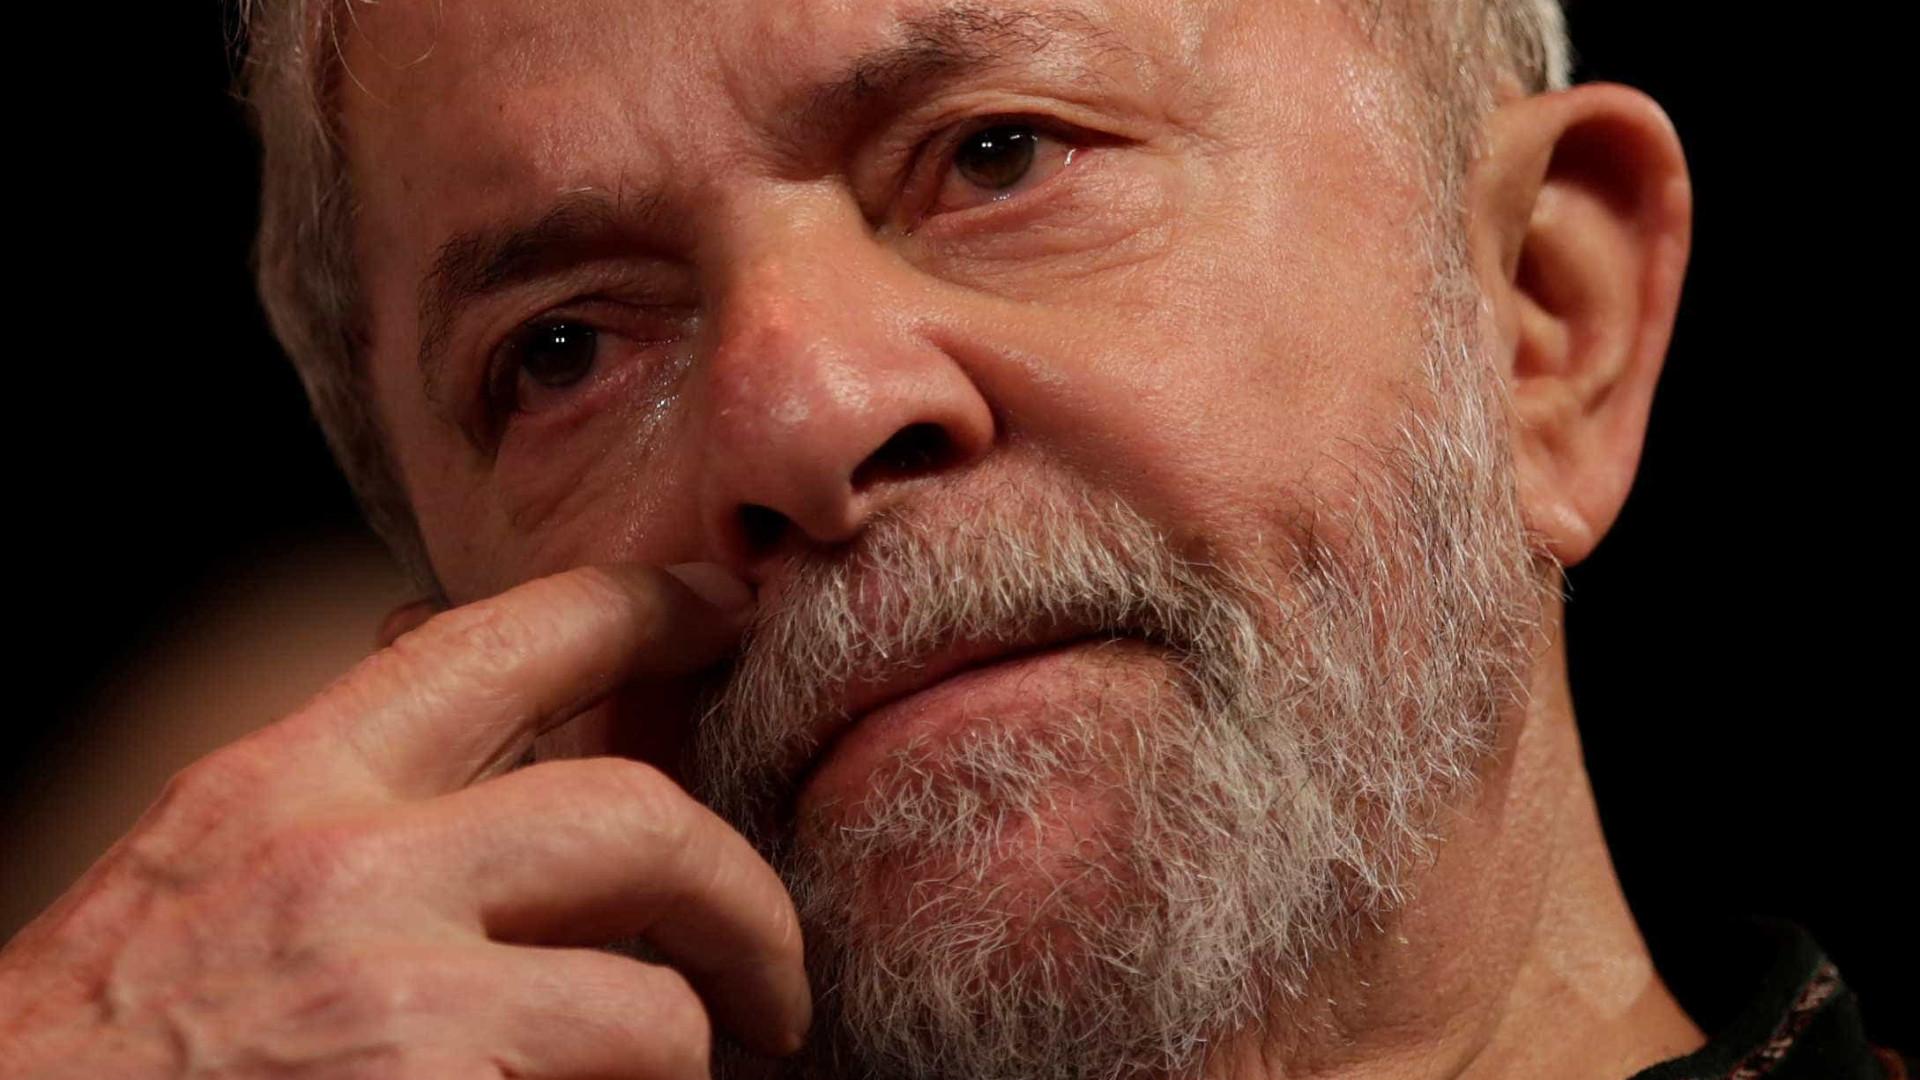 Odebrecht mostraemails que seriam ligados asítio e terreno para Lula